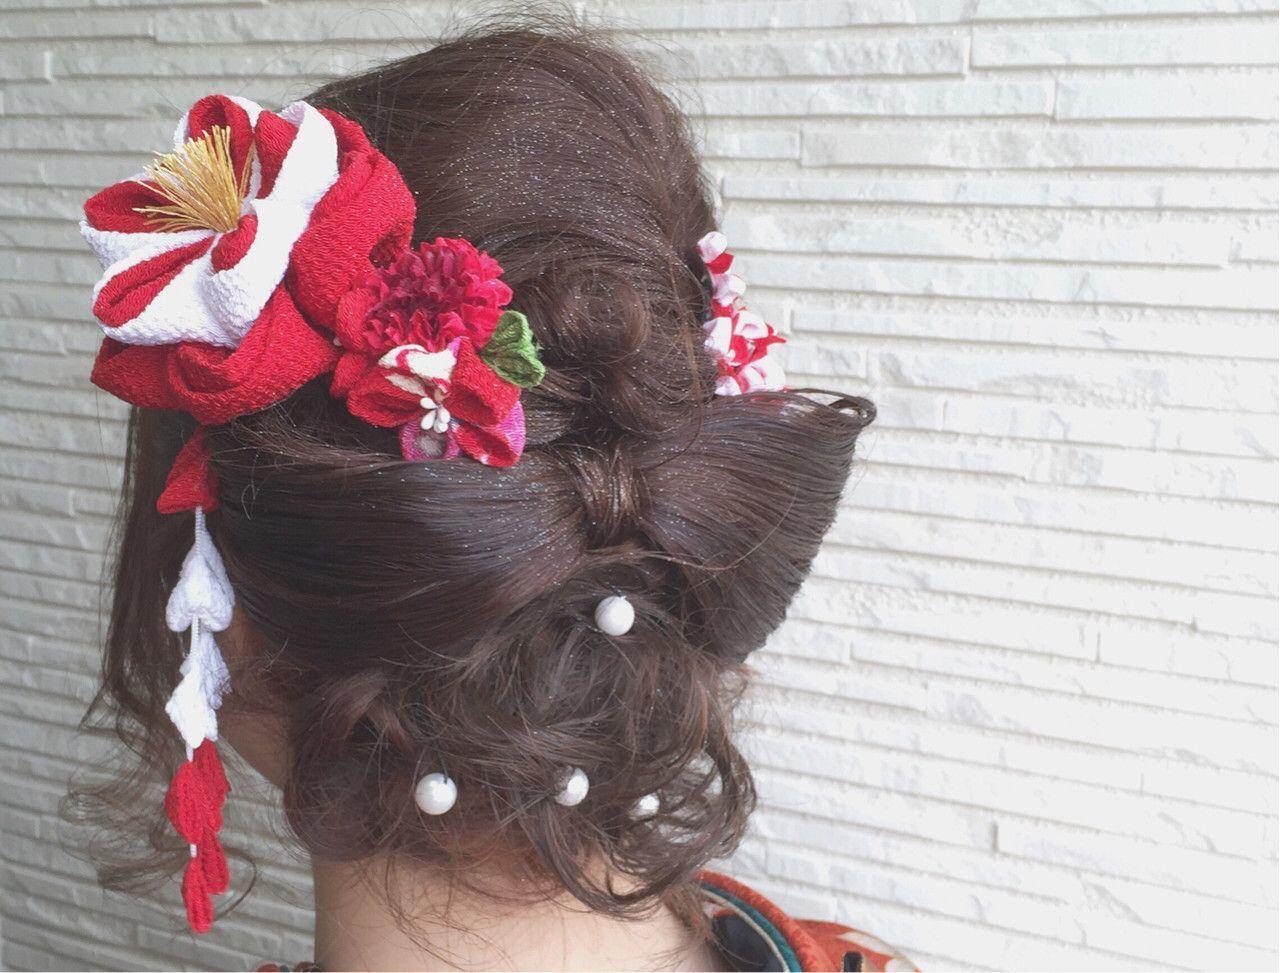 隠し味は【パールピン】!かわいいおすすめヘアアレンジ叶えます♡の9枚目の画像